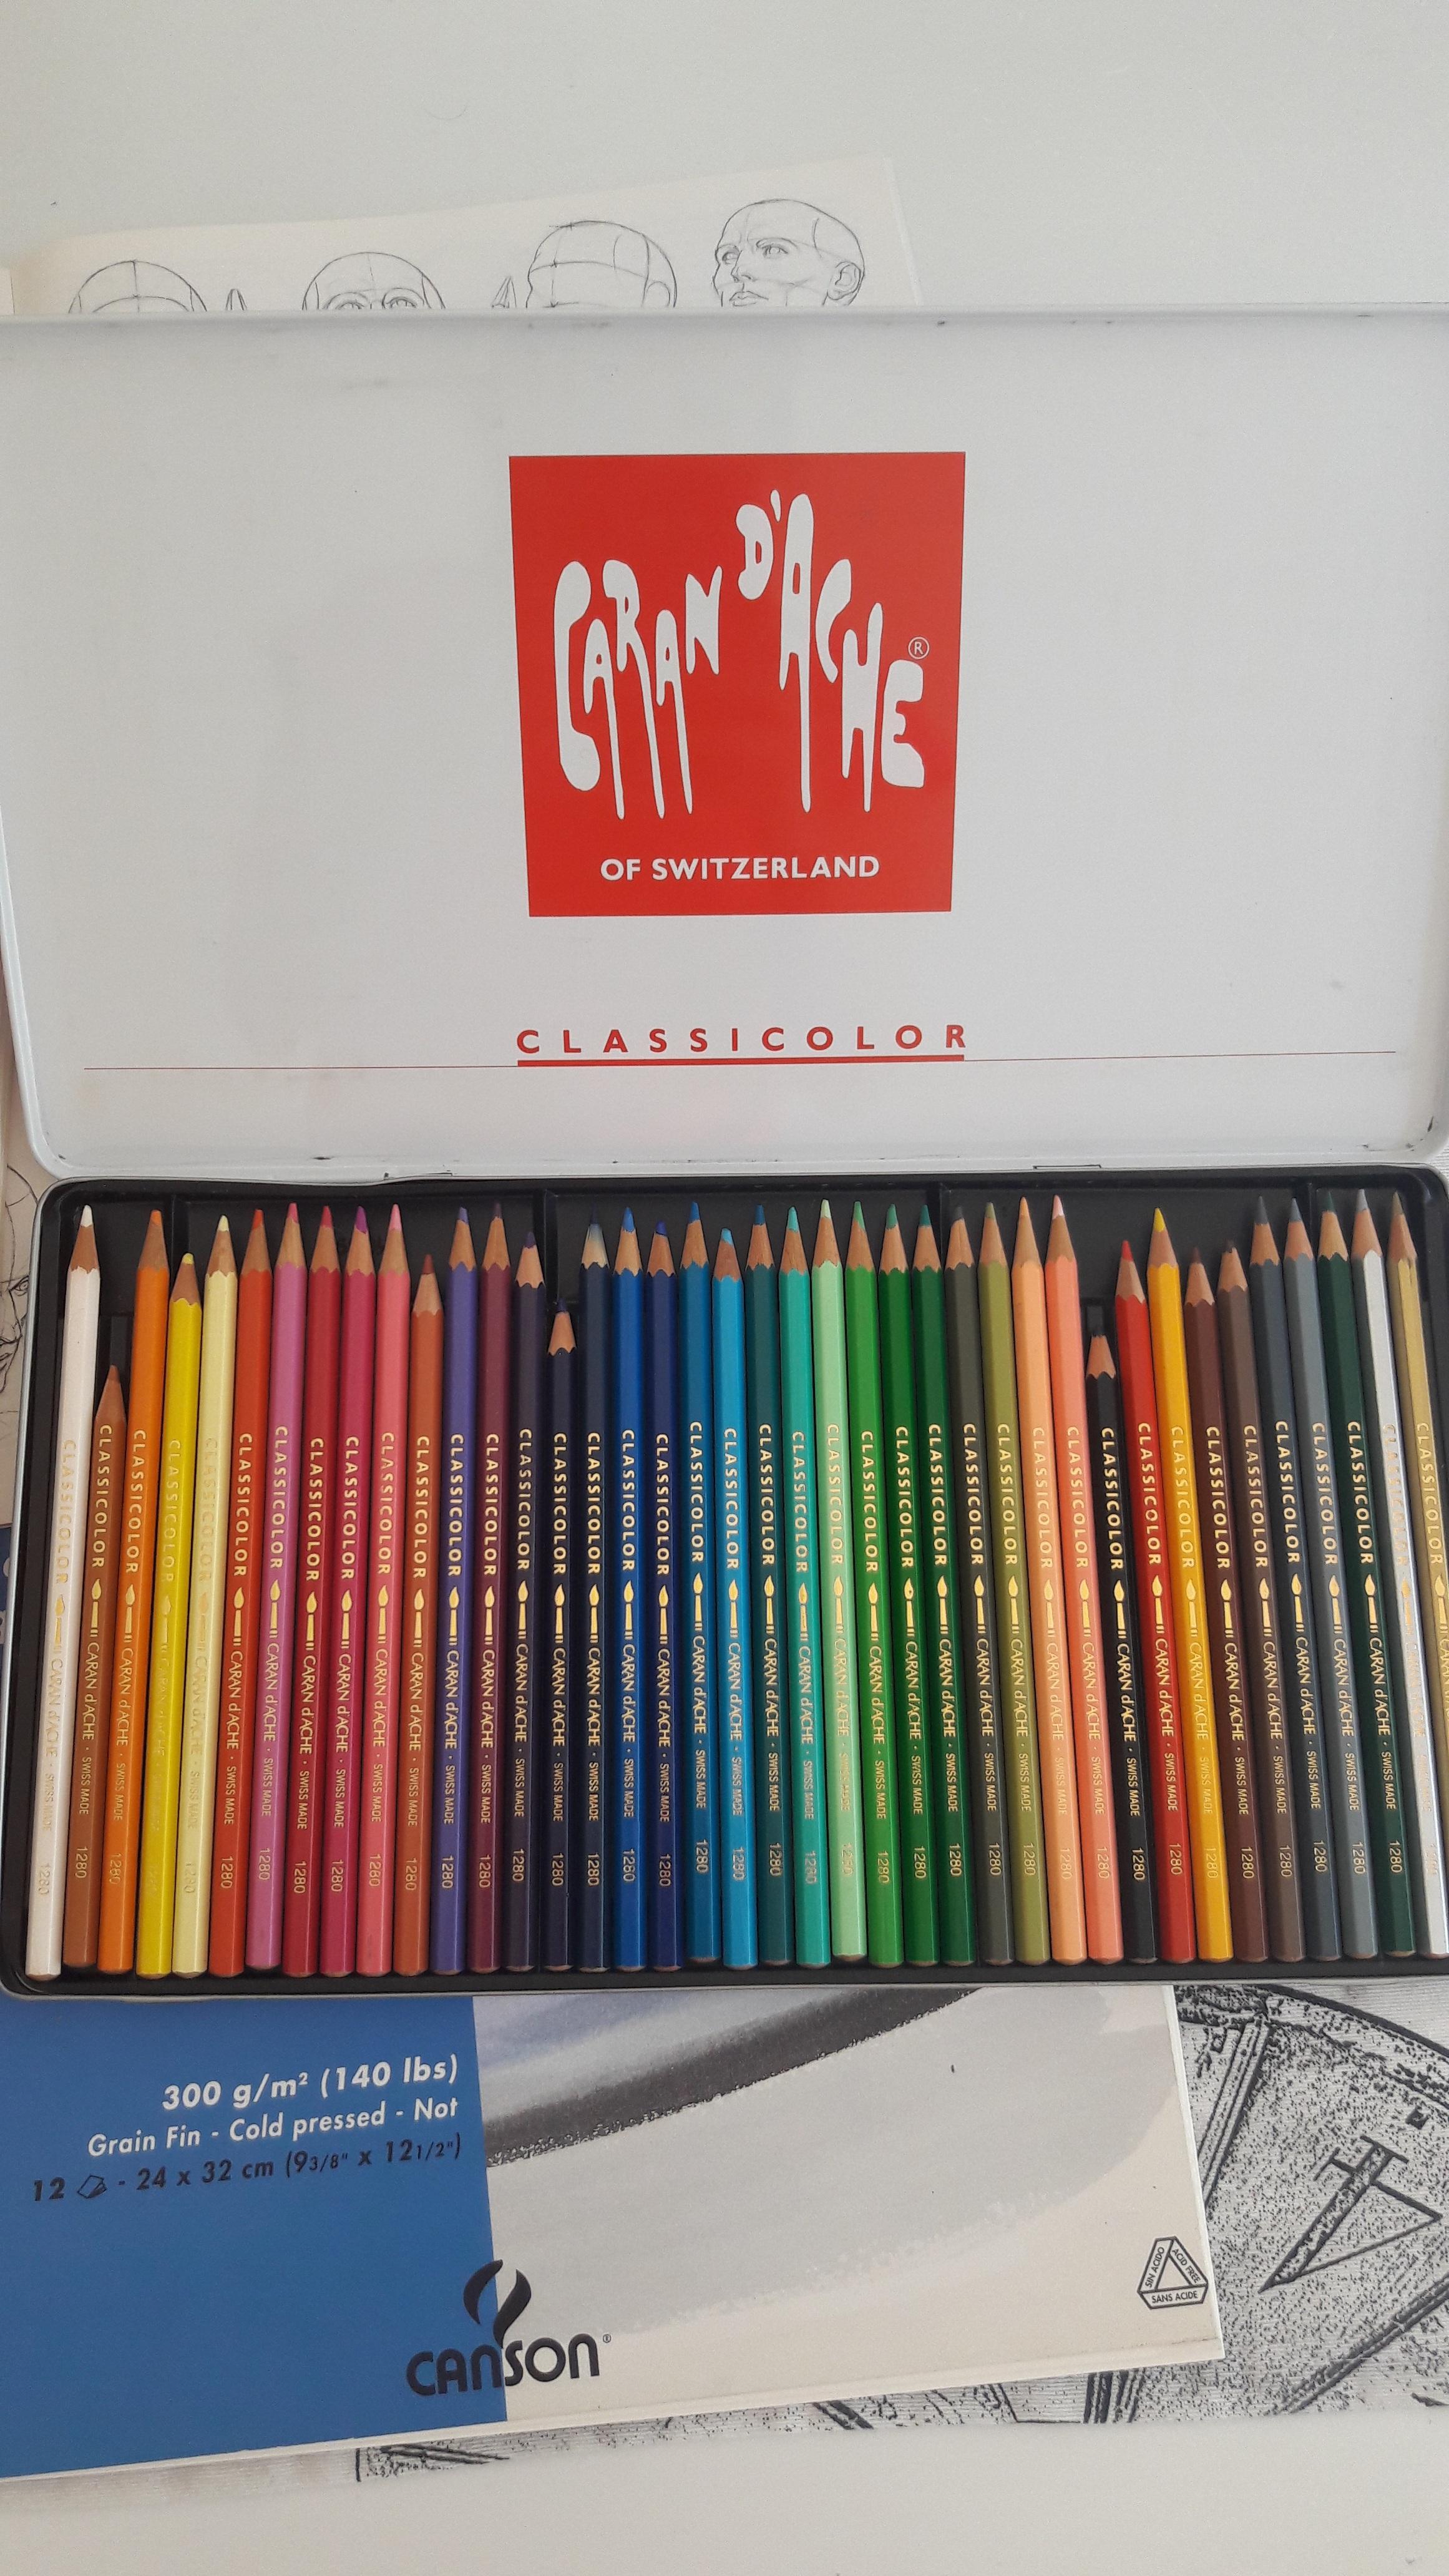 Fotos Gratis Escritorio Lápiz De Color Art Colores Dibujo